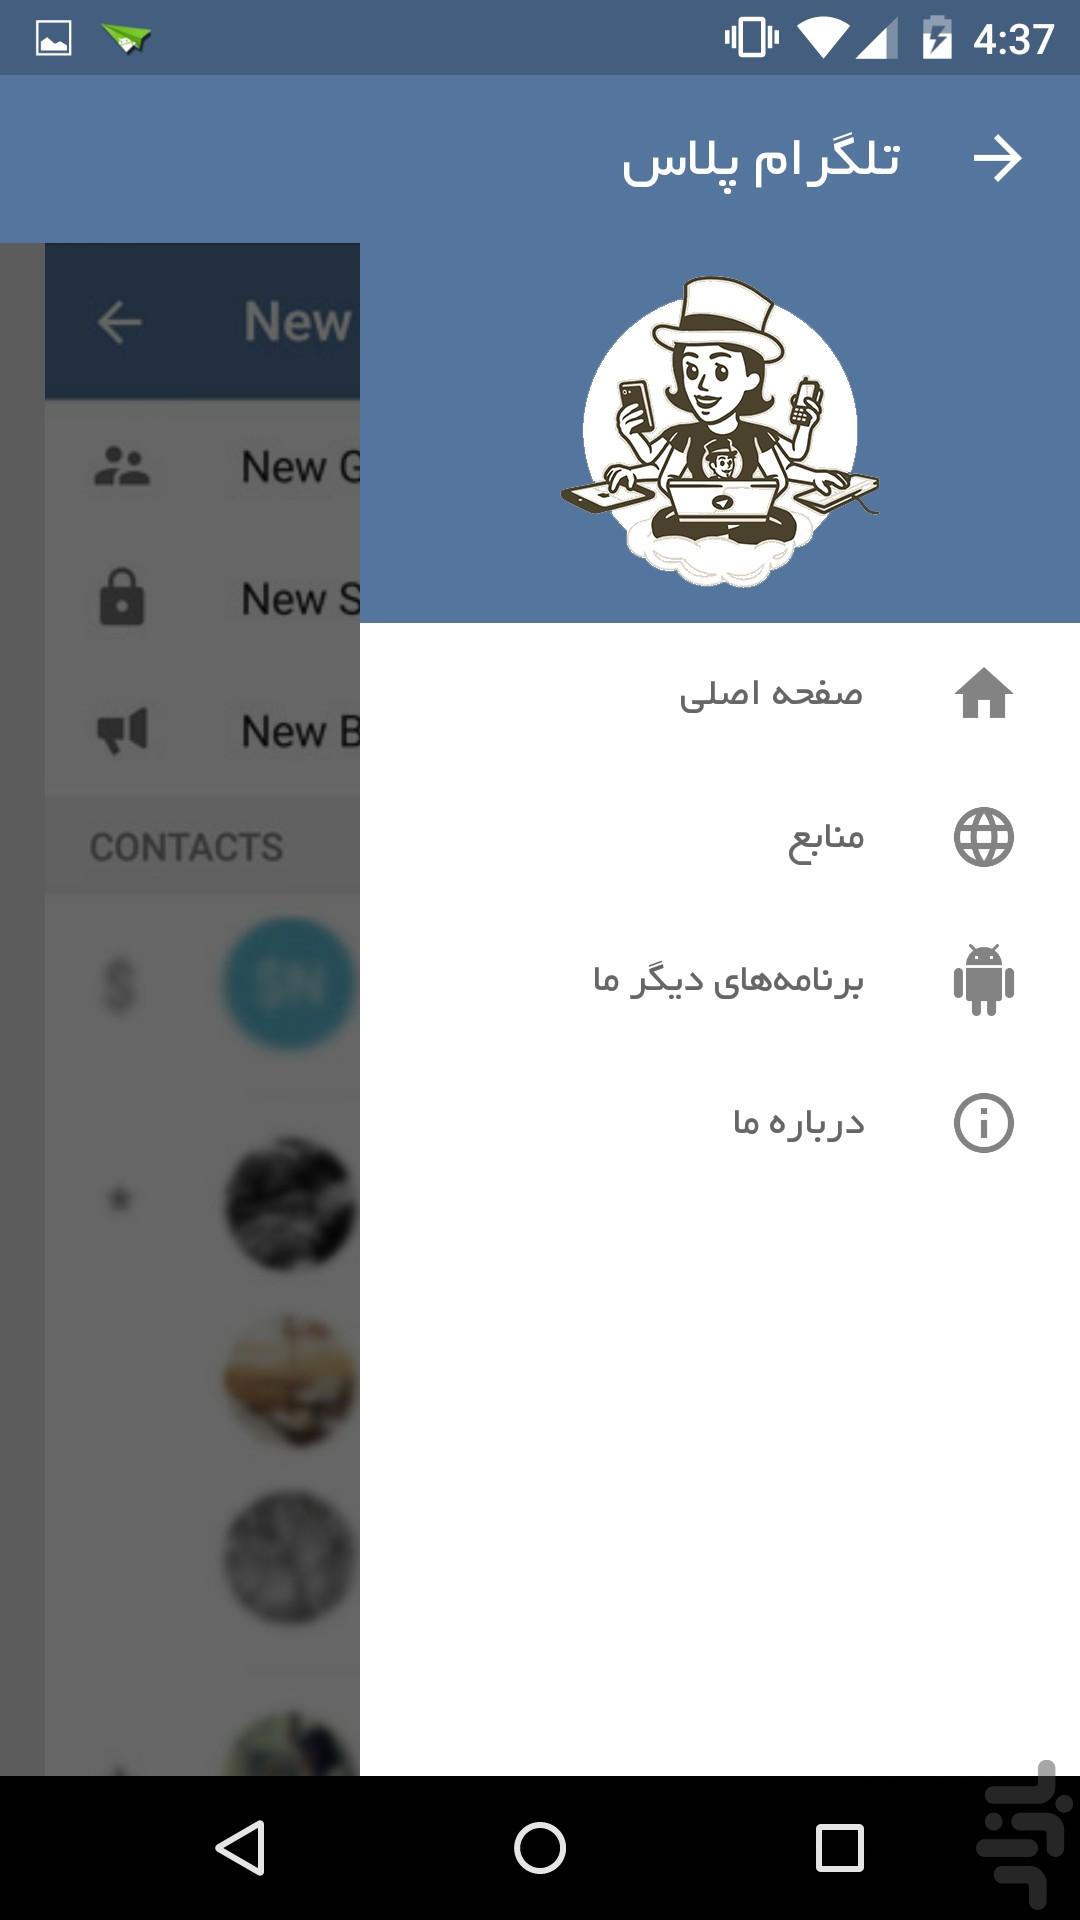 دانلود+استیکر+های+تلگرام+برای+اندروید